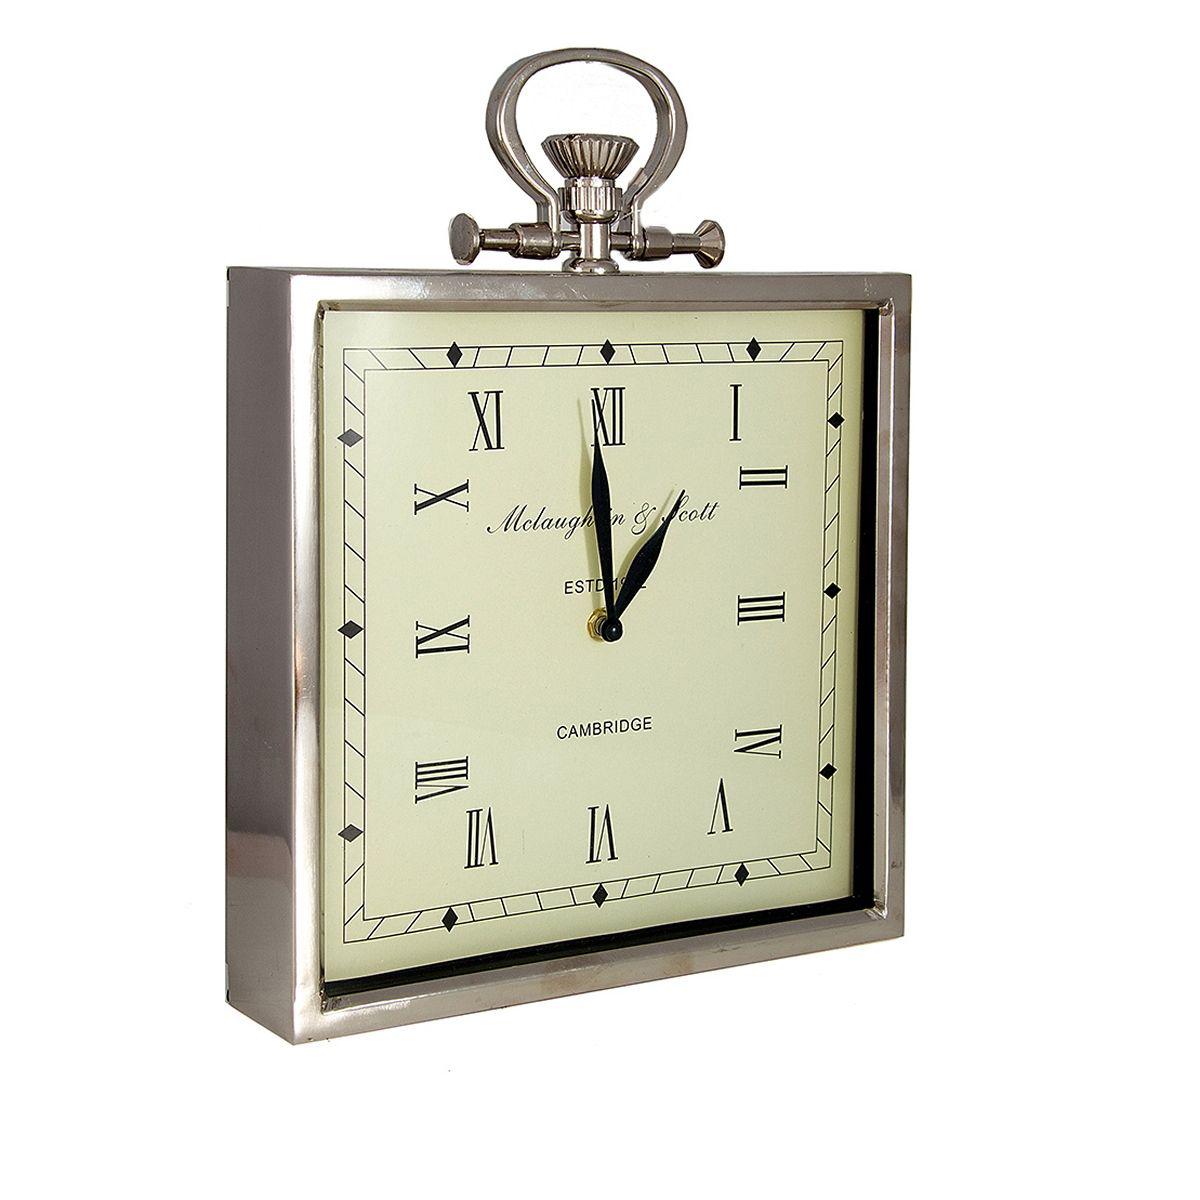 Часы настенные Русские Подарки Классика, 28 х 6 х 34 см. 6060460604Настенные кварцевые часы Русские Подарки Классика изготовлены из металла. Корпус выполнен в классическом стиле. Циферблат защищен стеклом. Часы имеют две стрелки - часовую и минутную. Имеется петелька для подвешивания на стену. Такие часы красиво и необычно оформят интерьер дома или офиса. Также часы могут стать уникальным, полезным подарком для родственников, коллег, знакомых и близких. Часы работают от батареек типа АА (в комплект не входят).